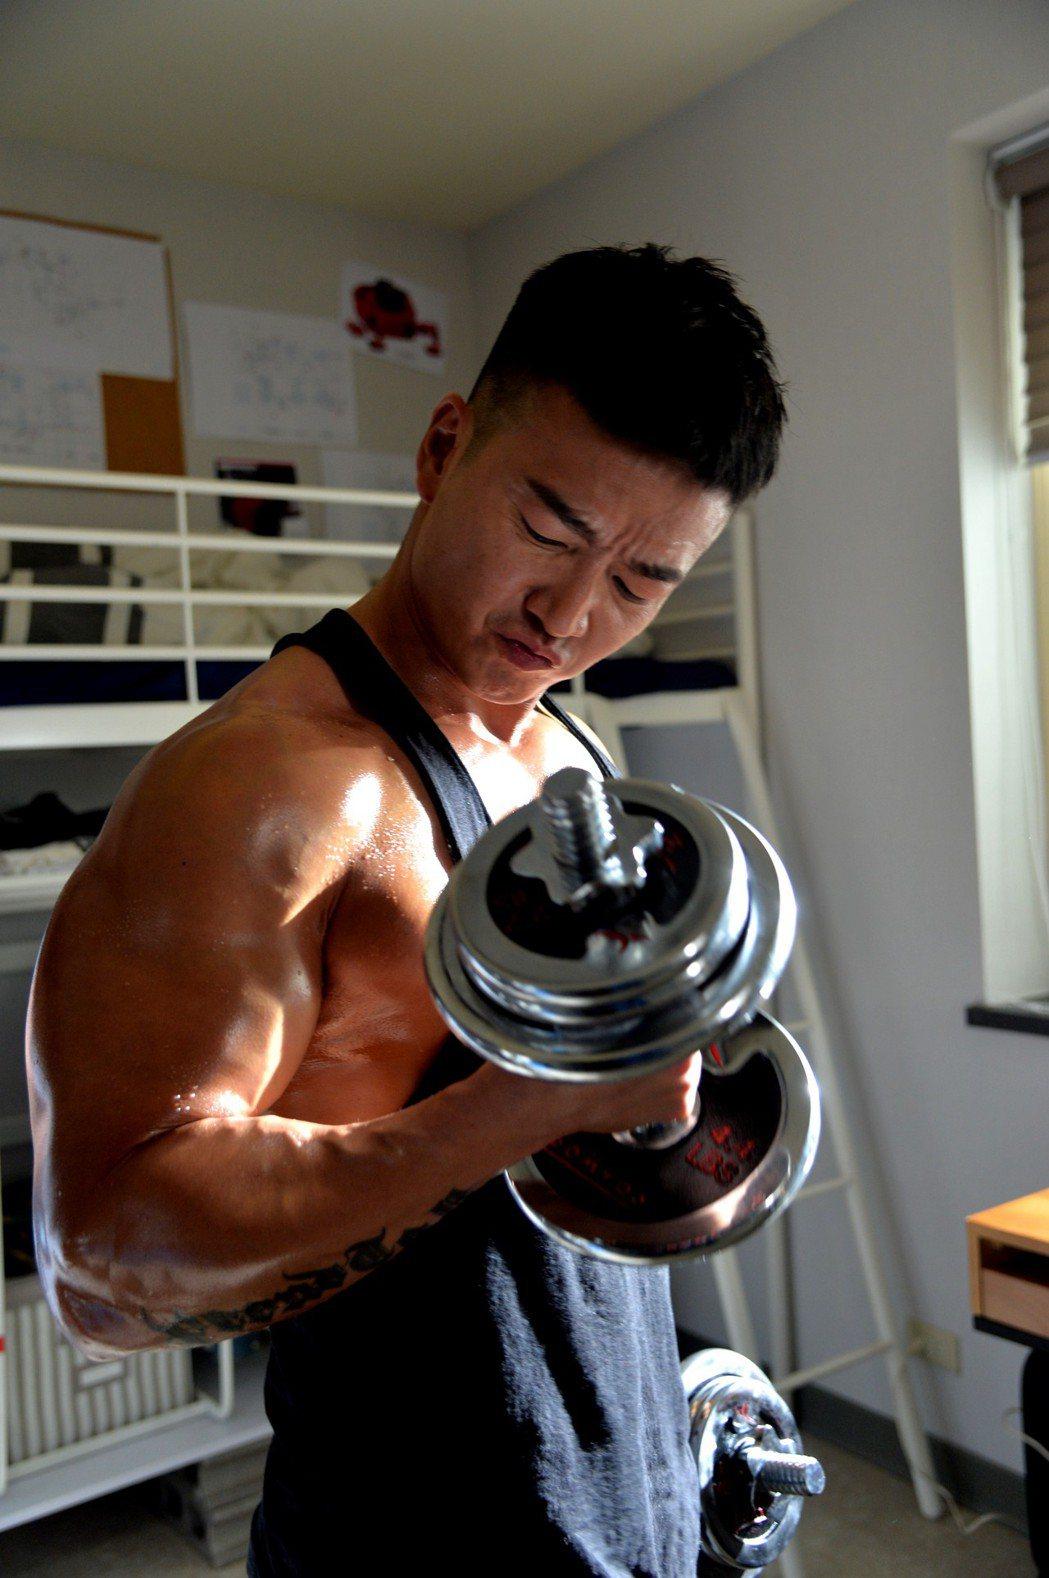 李沛旭在家設置專屬健身房,想運動就運動。圖/三立提供